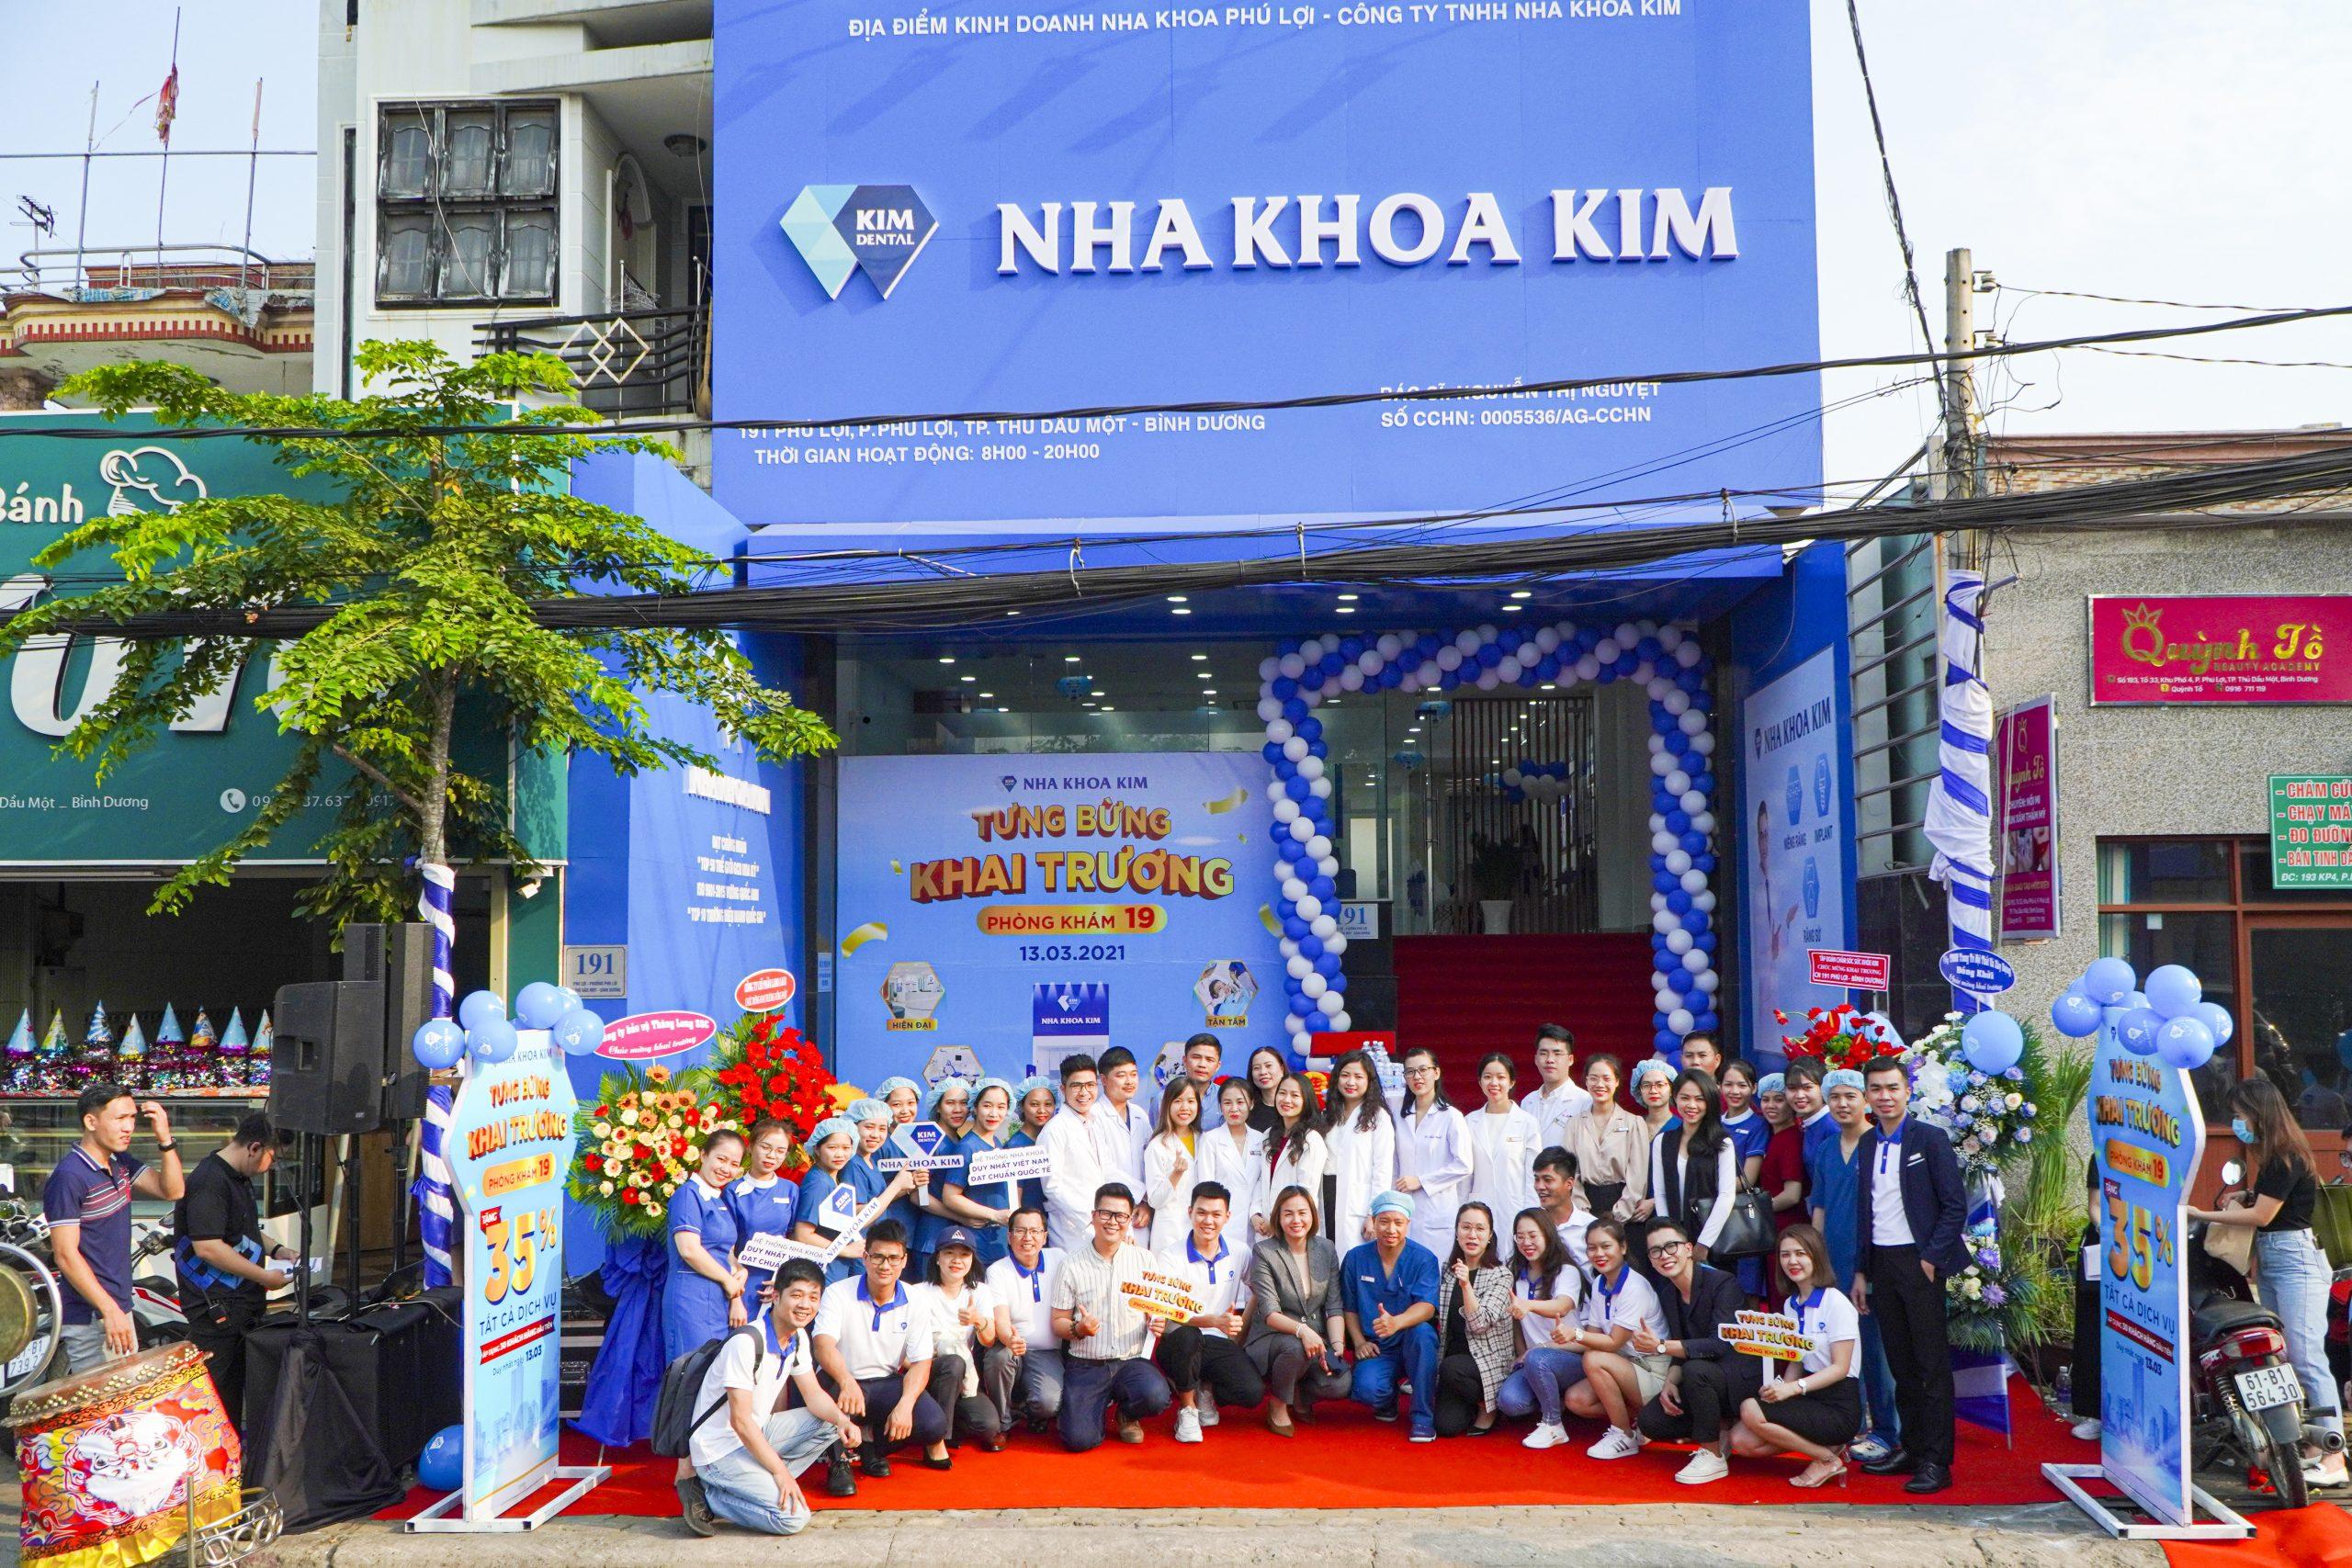 khai trương nha khoa tại Phú Lợi